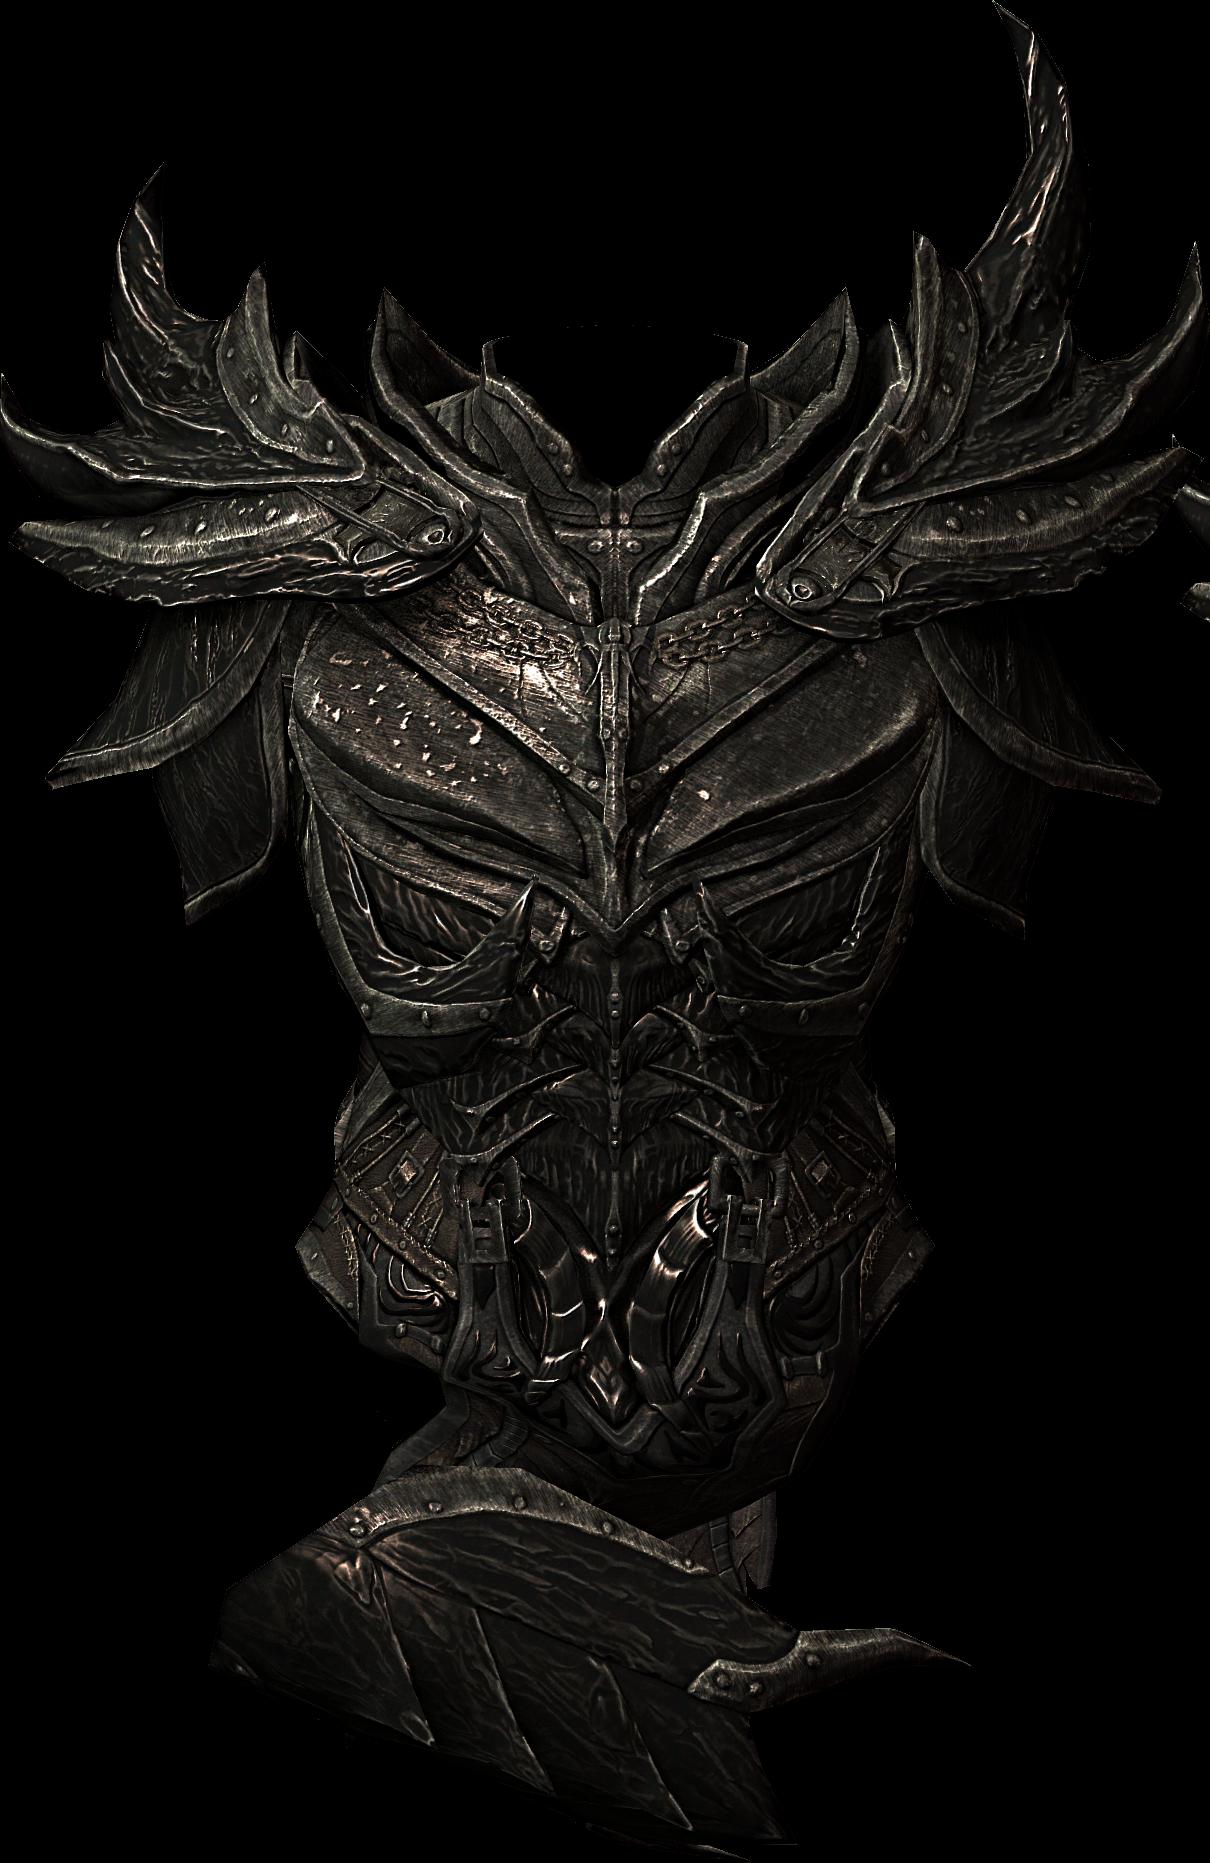 Daedric Armor (Armor Piece)